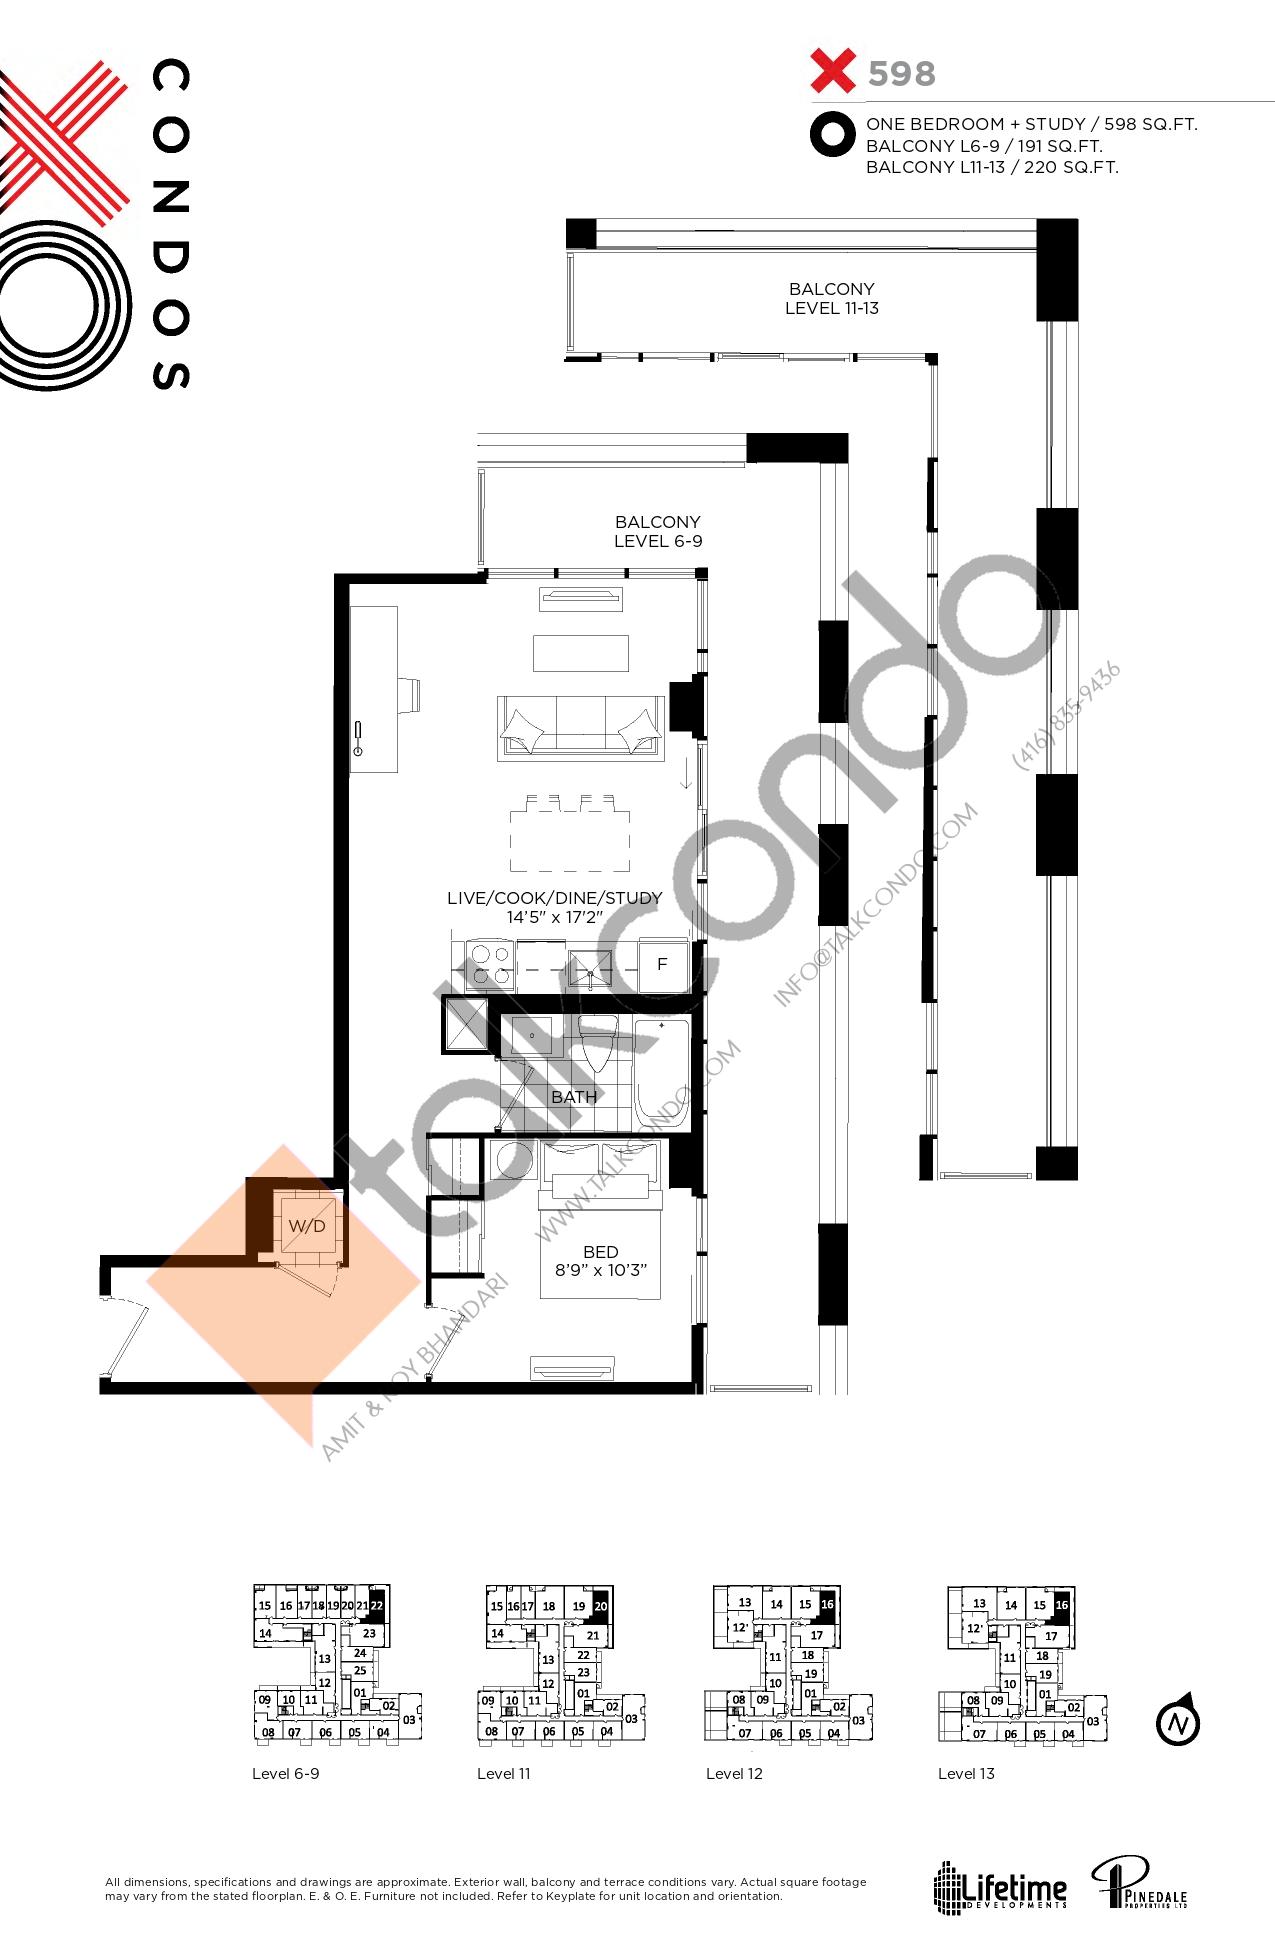 X598 Floor Plan at XO Condos - 598 sq.ft